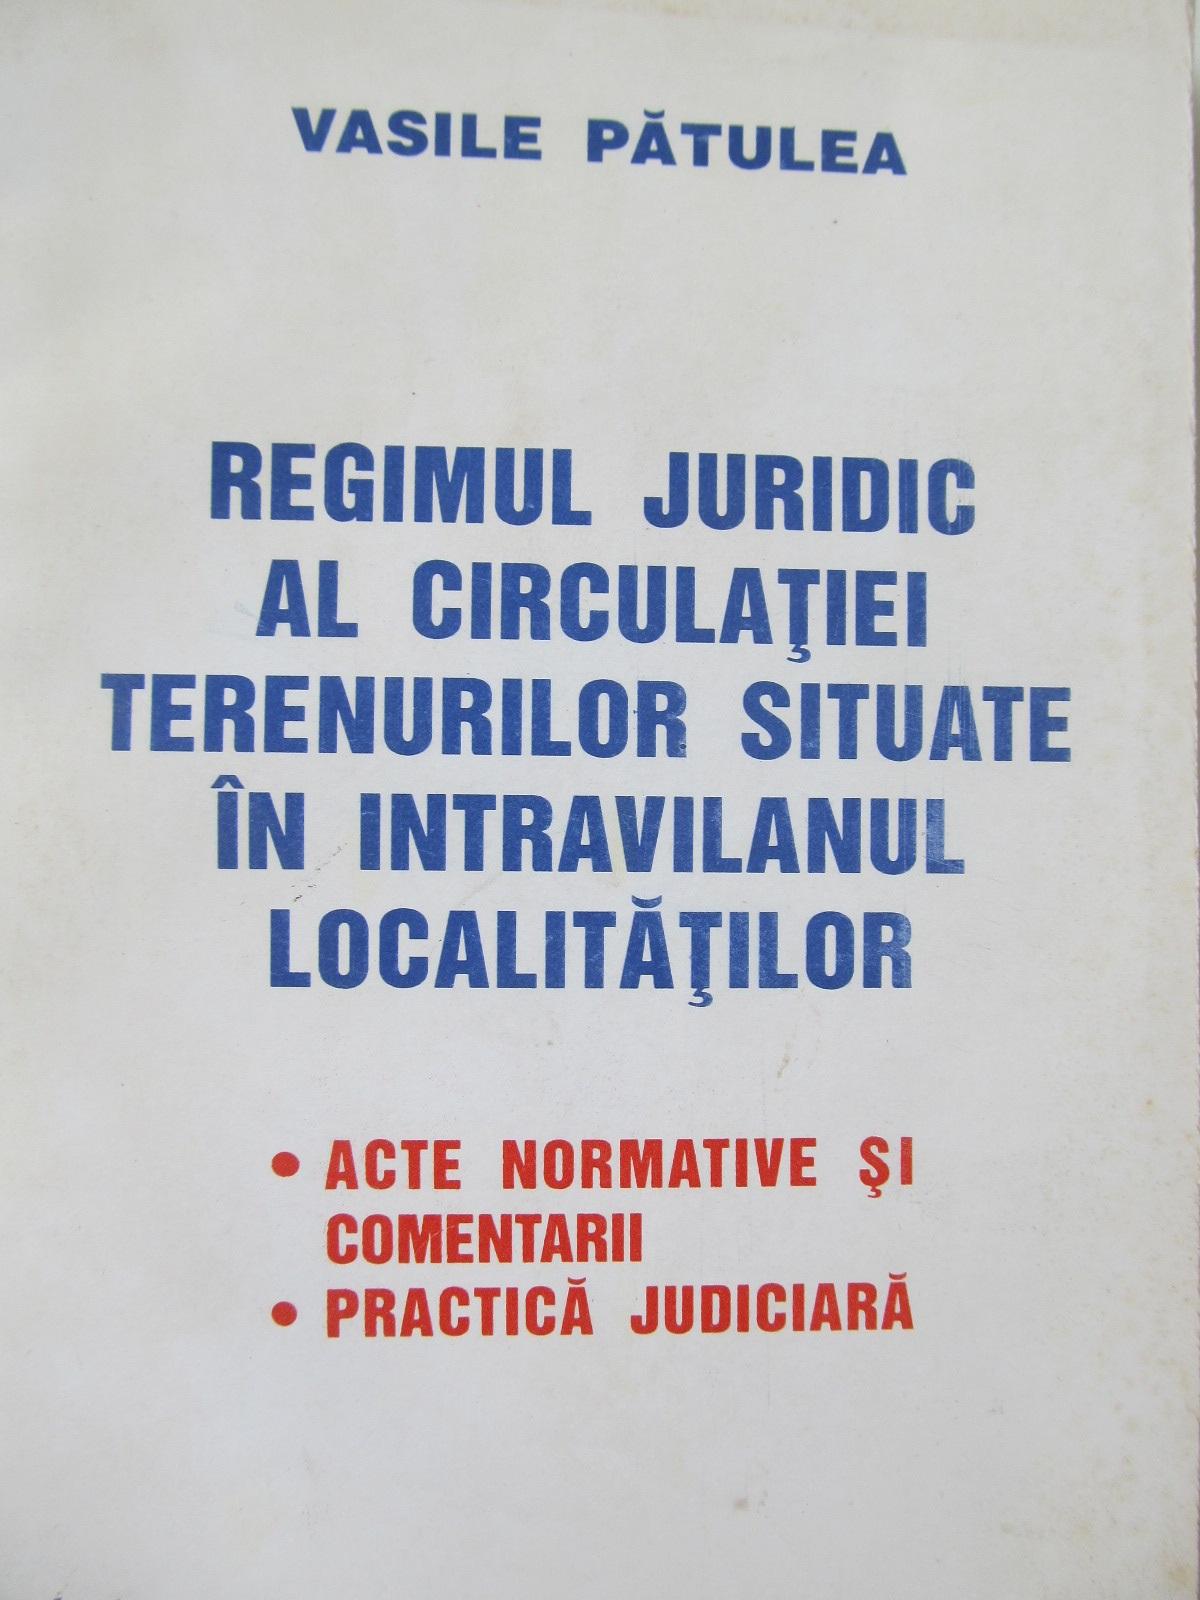 Regimul juridic al circulatiei terenurilor situate in intravilanul localitatilor - Vasile Patulea | Detalii carte